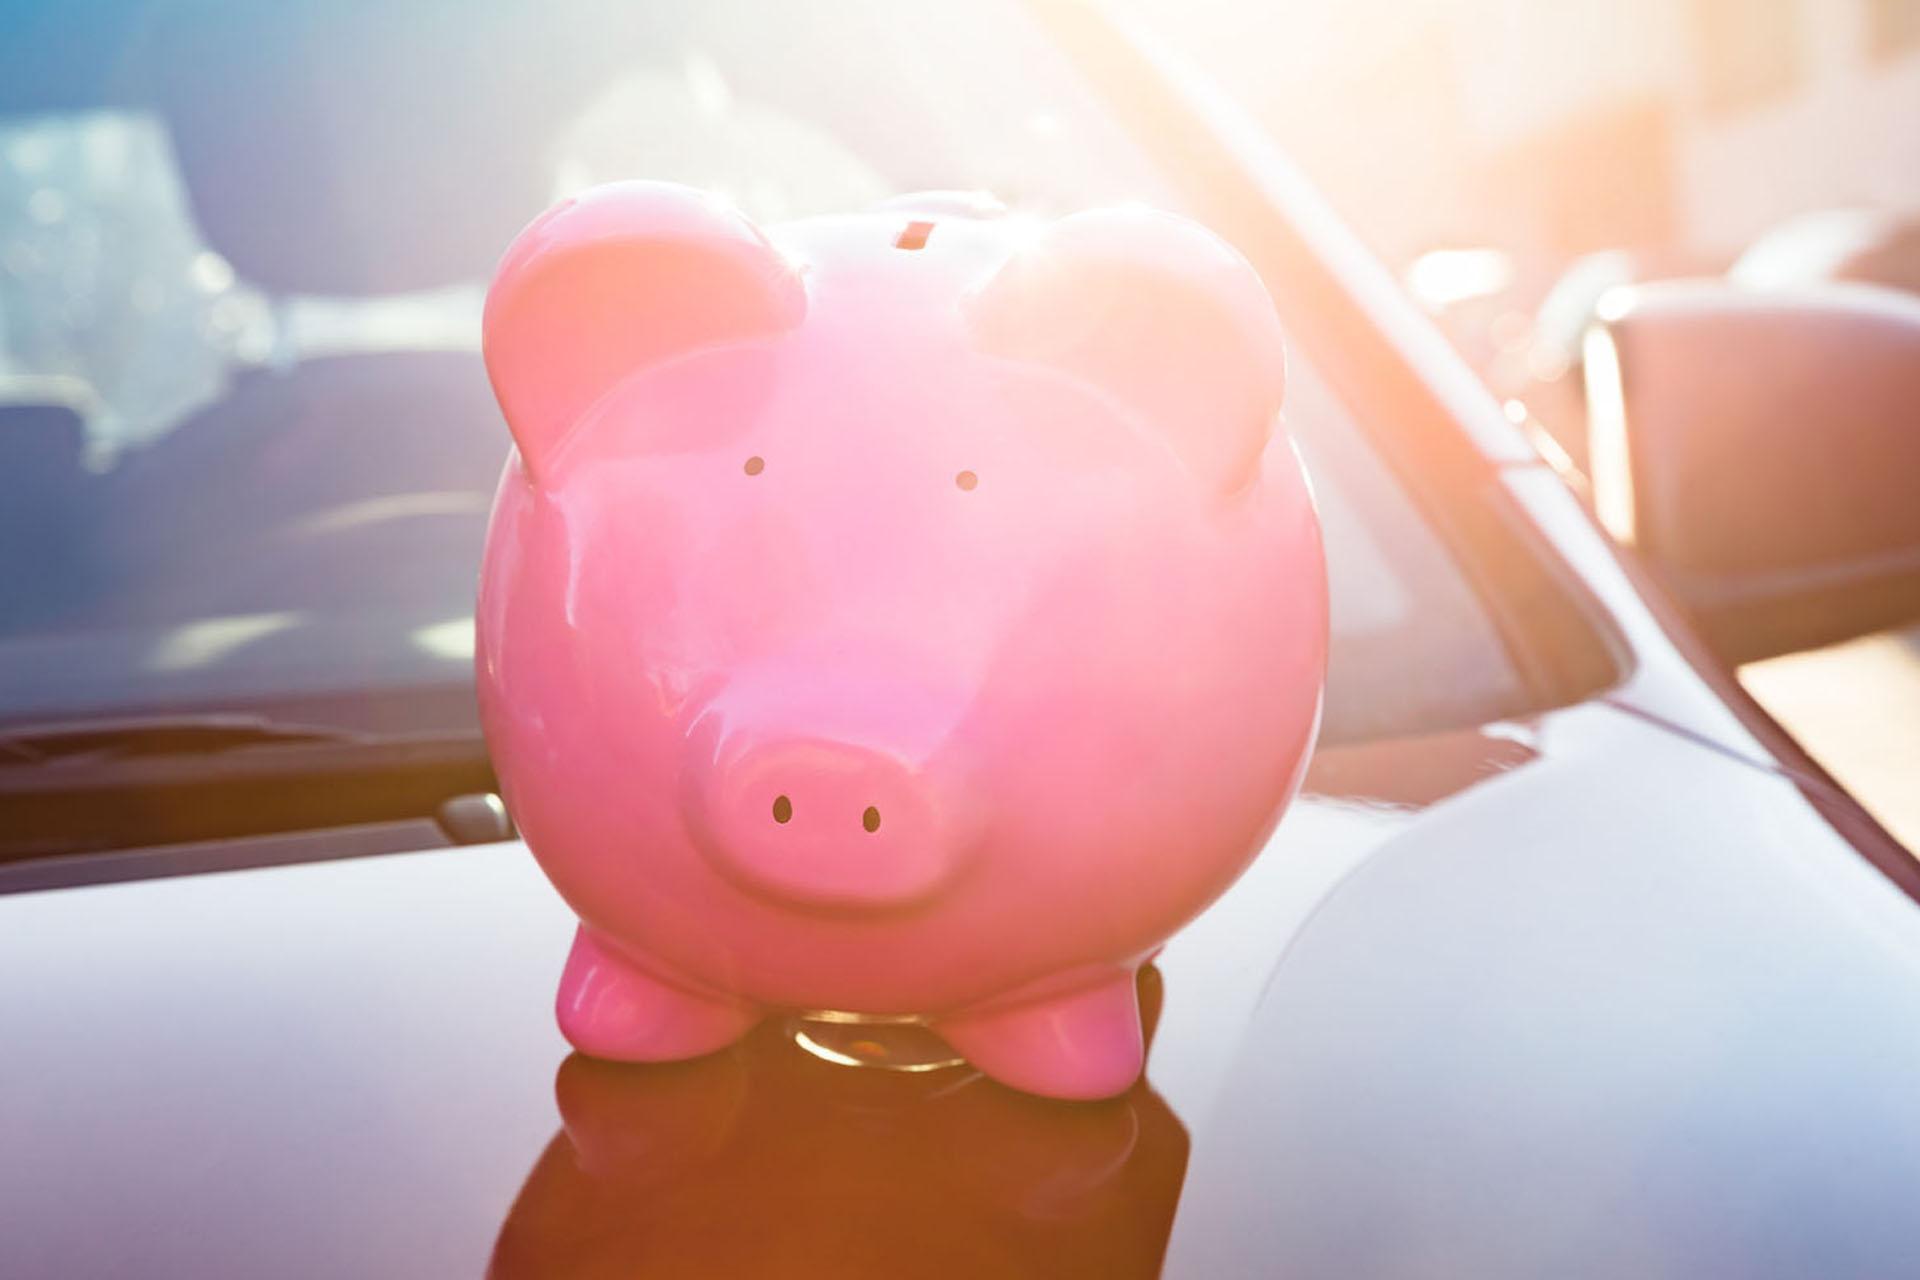 Preise für E-Autos: Rosa Sparschwein auf einer Motorhaube.